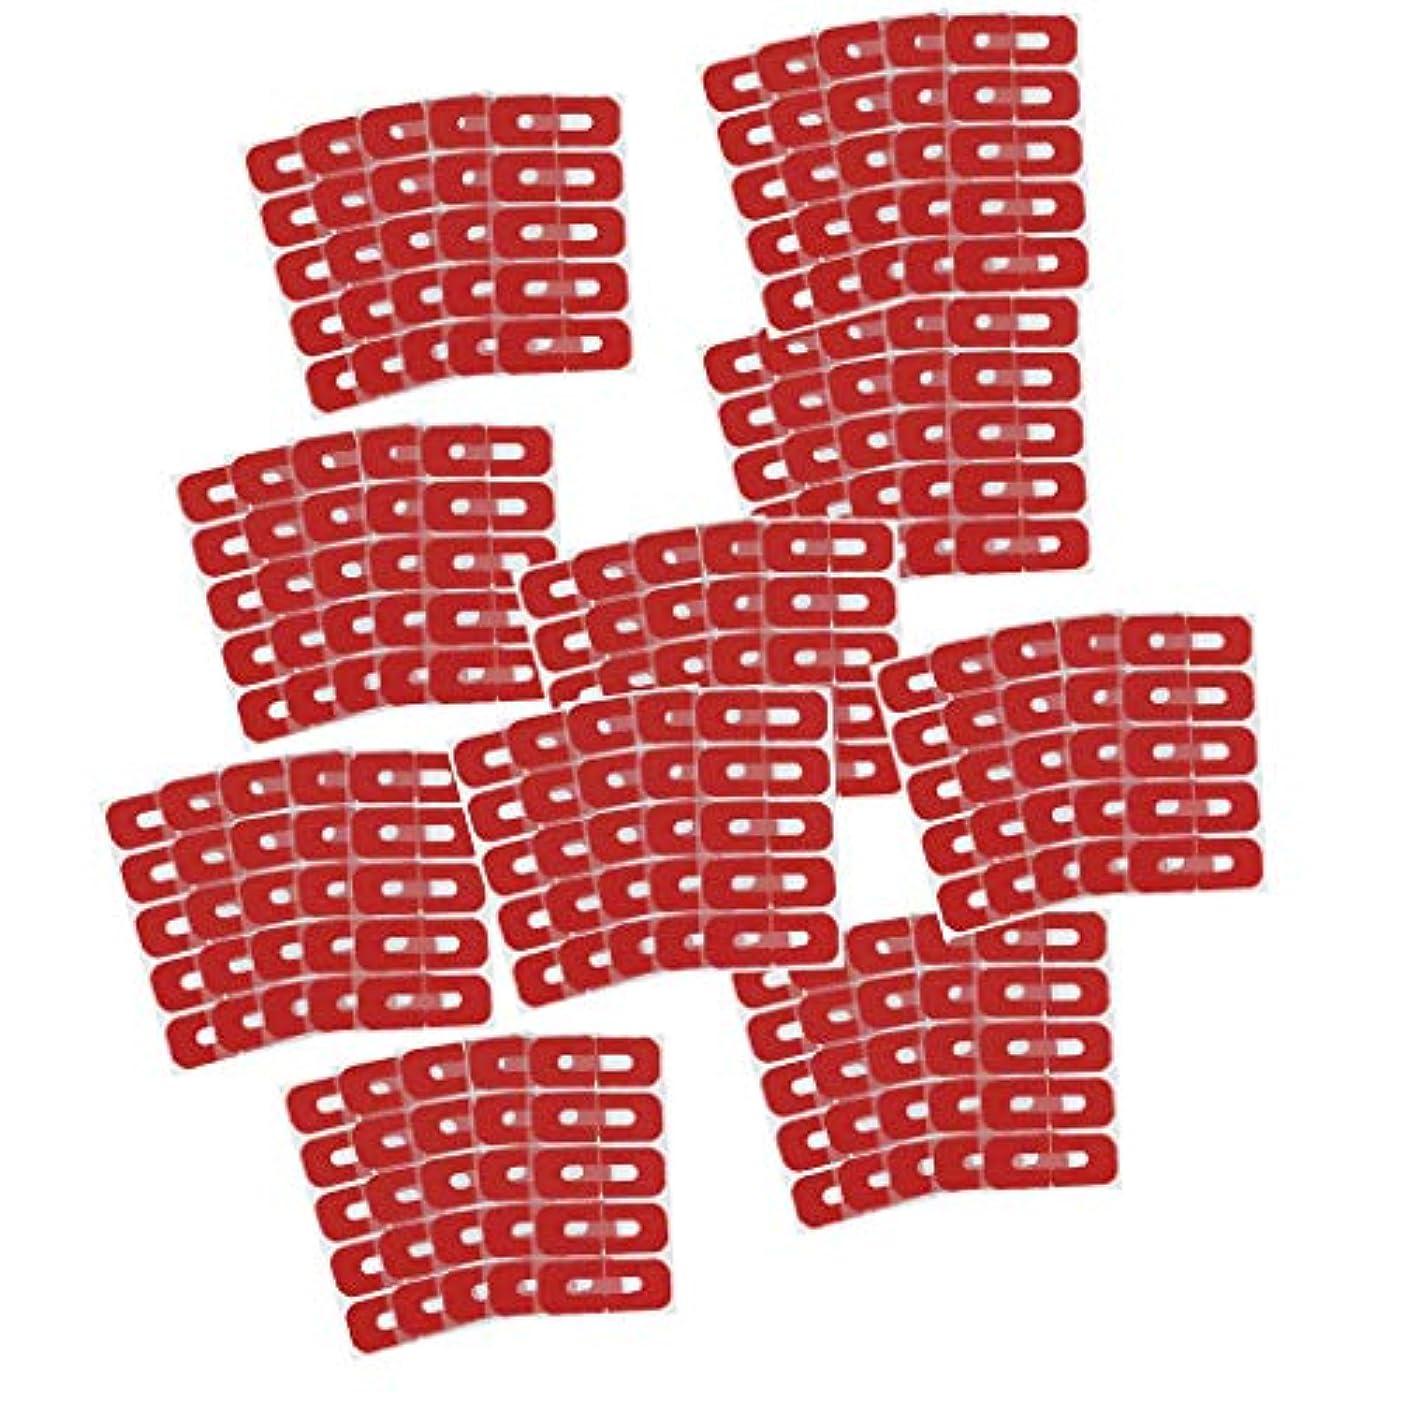 自慢シンプルな確実Toygogo 50ピース赤使い捨てピールオフテープネイルアートこぼれ防止スキンバリアポーランドプロテクターカバーガード